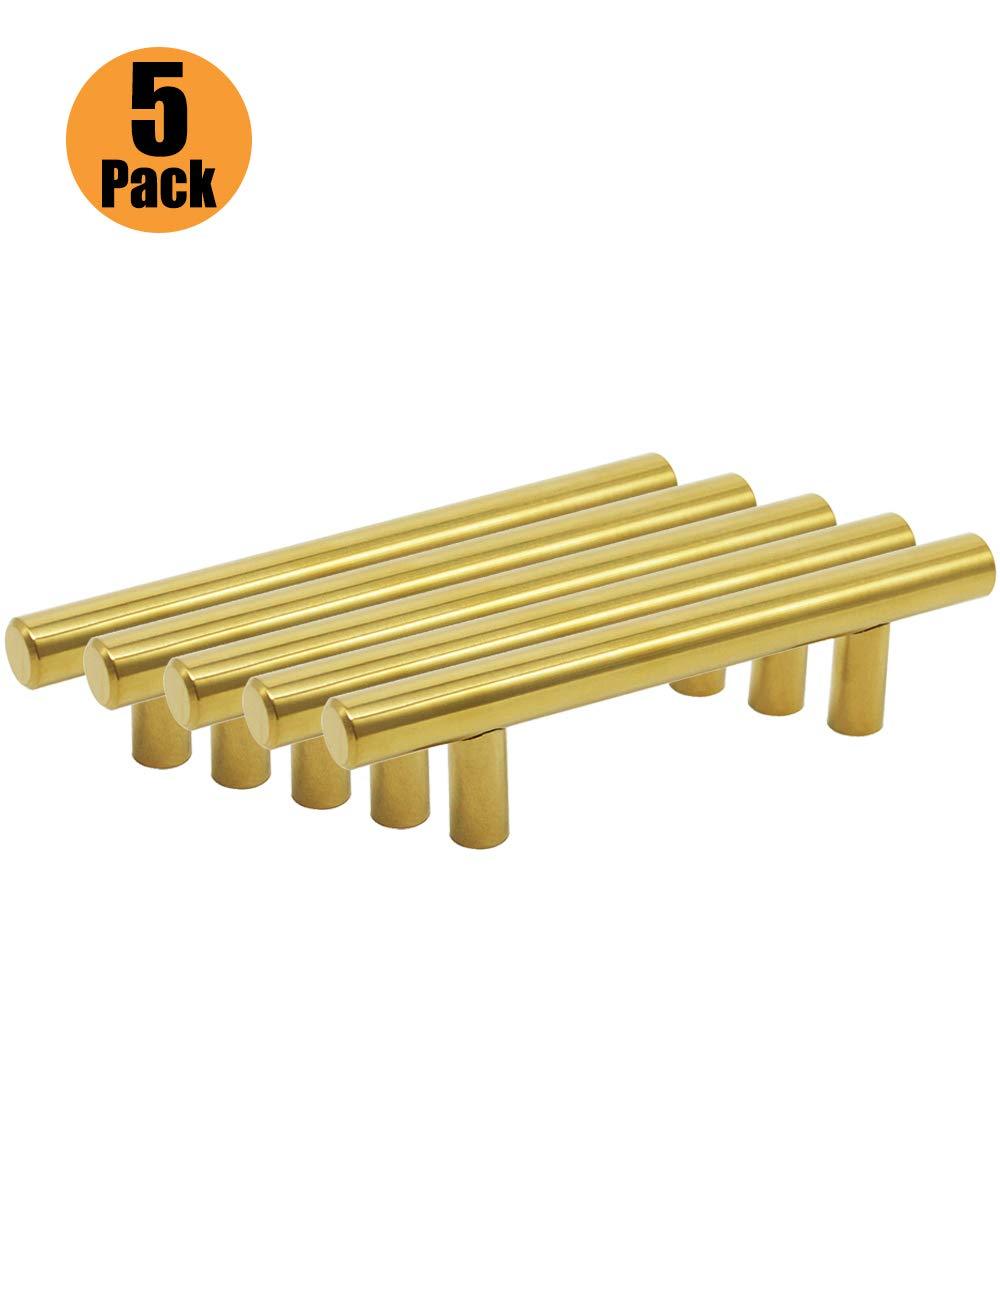 serie de mangos dorados en forma de T con tornillos de 6 x 25 mm PinLin dorado Tiradores de acero inoxidable para puertas de armarios de cocina agujero /único//64//76//96//128//160//192//224//256 mm